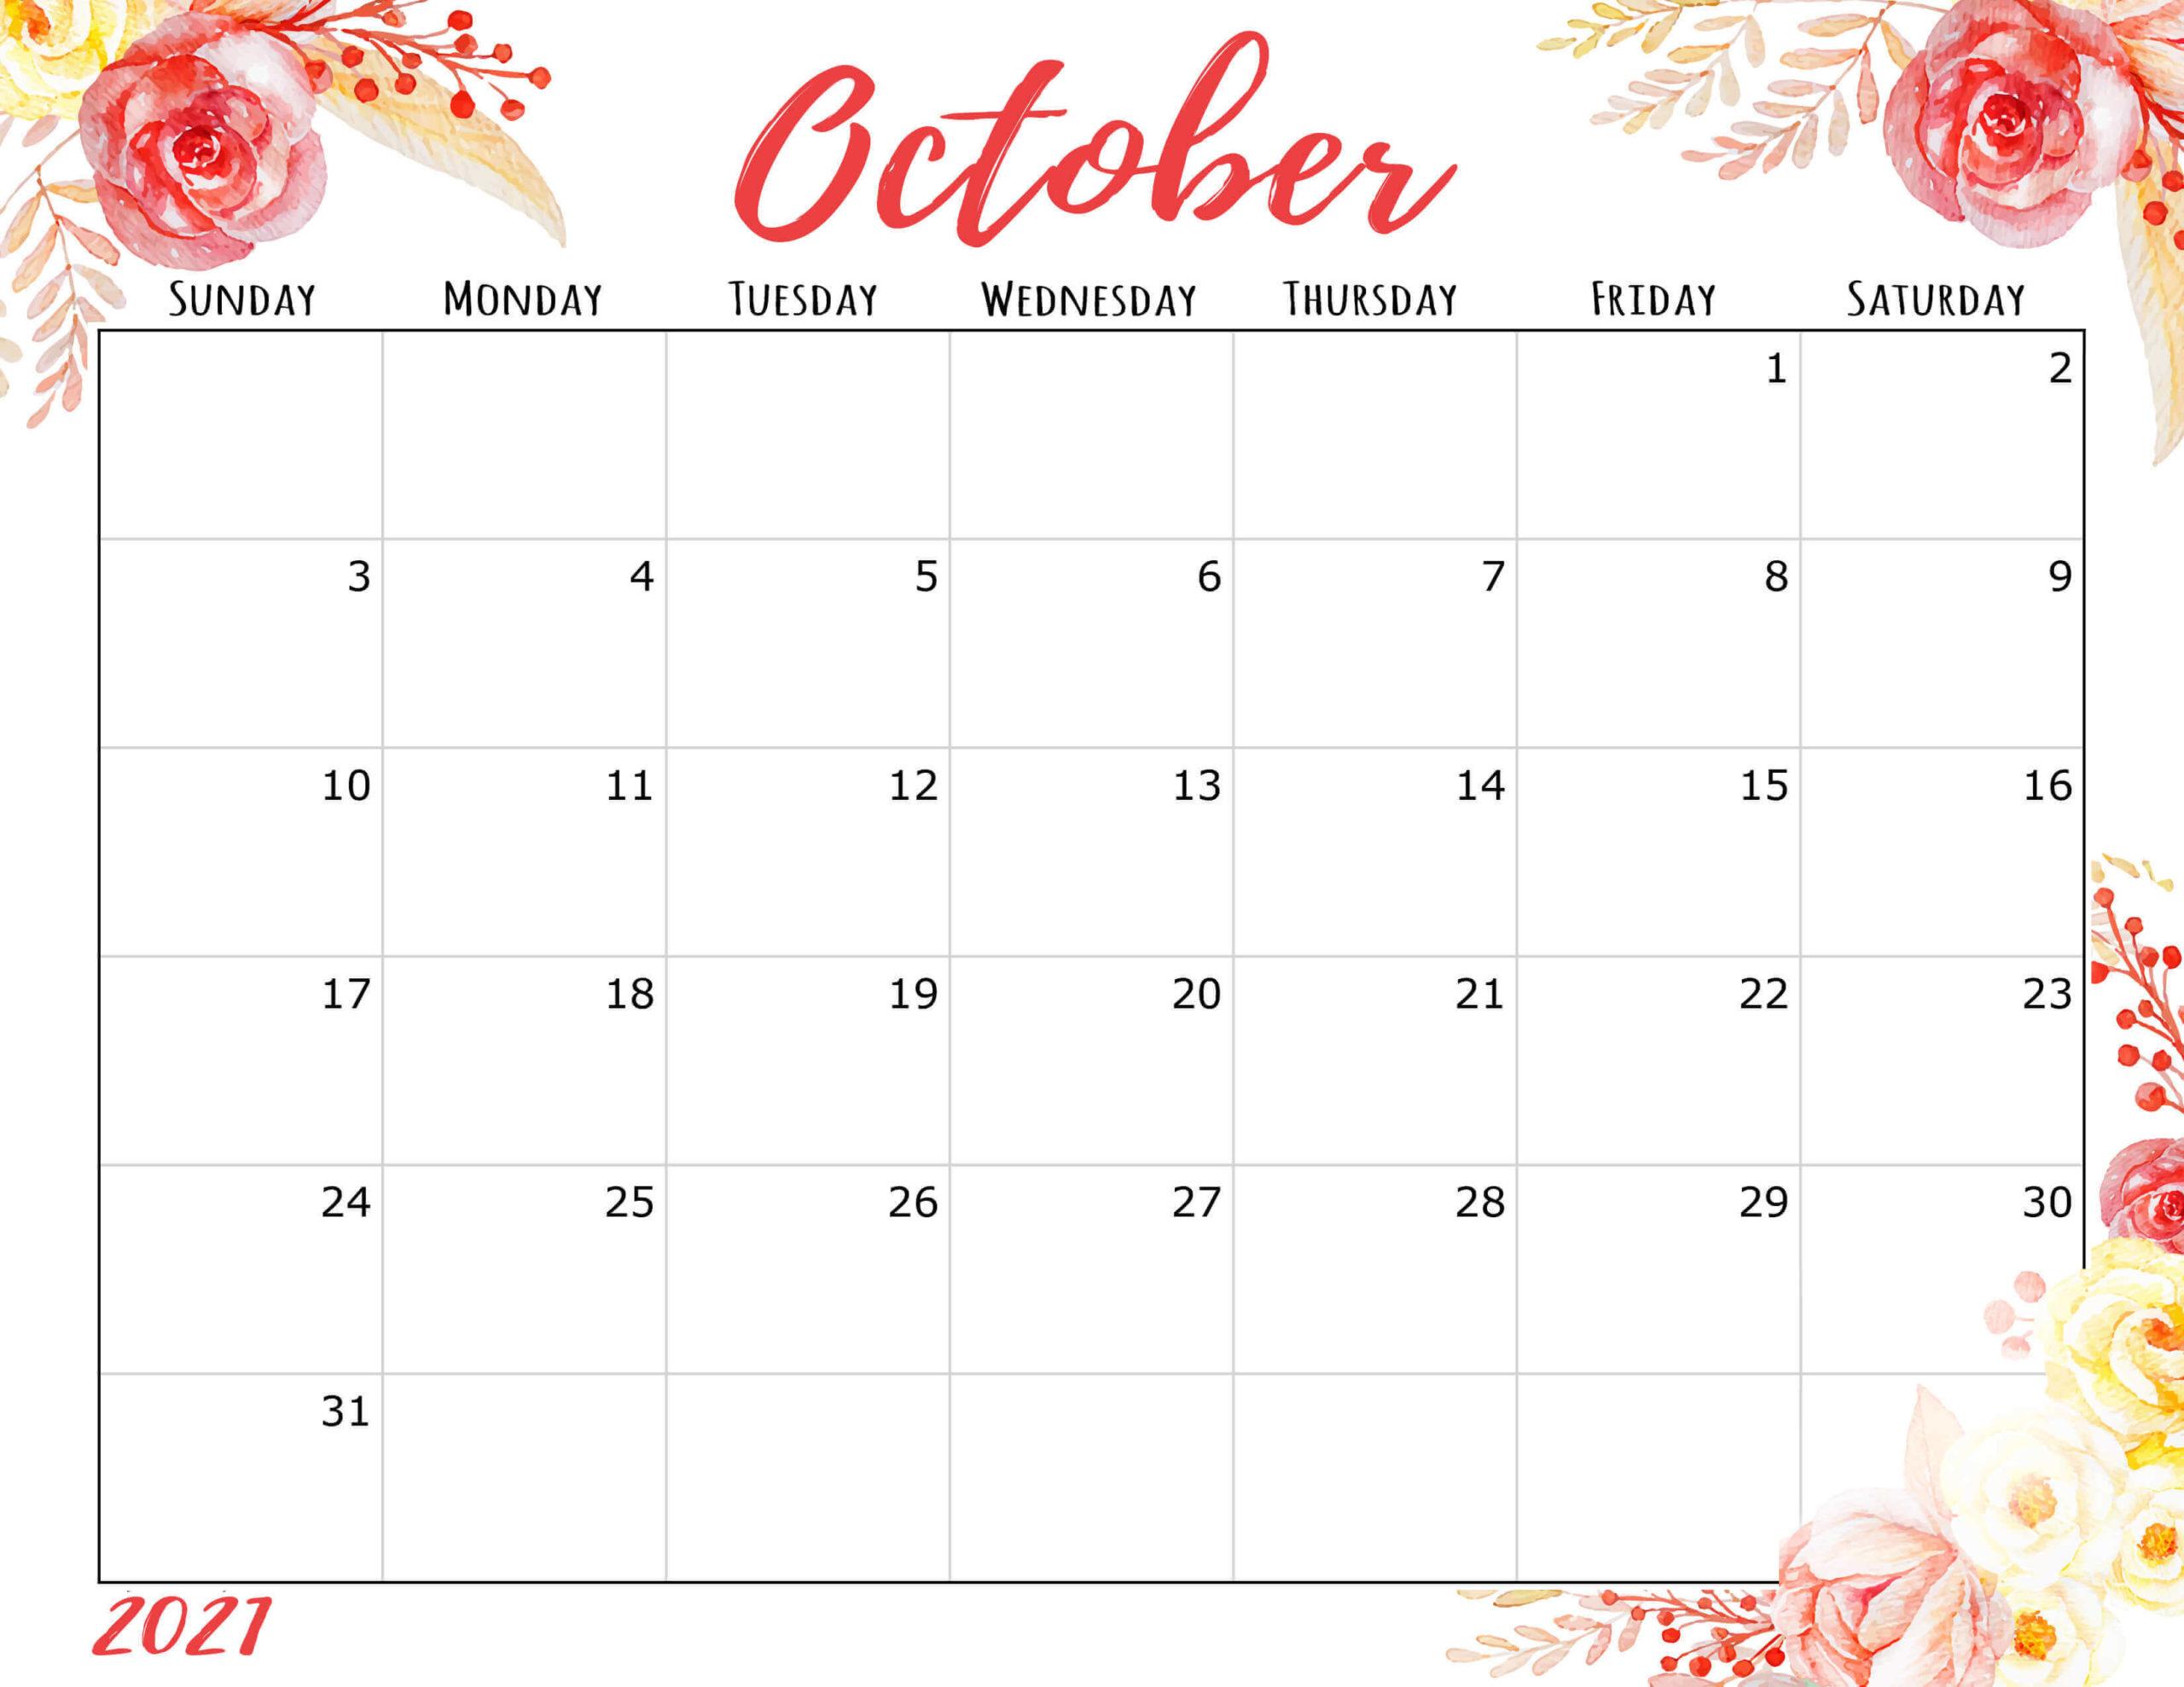 October 2021 Calendar Cute